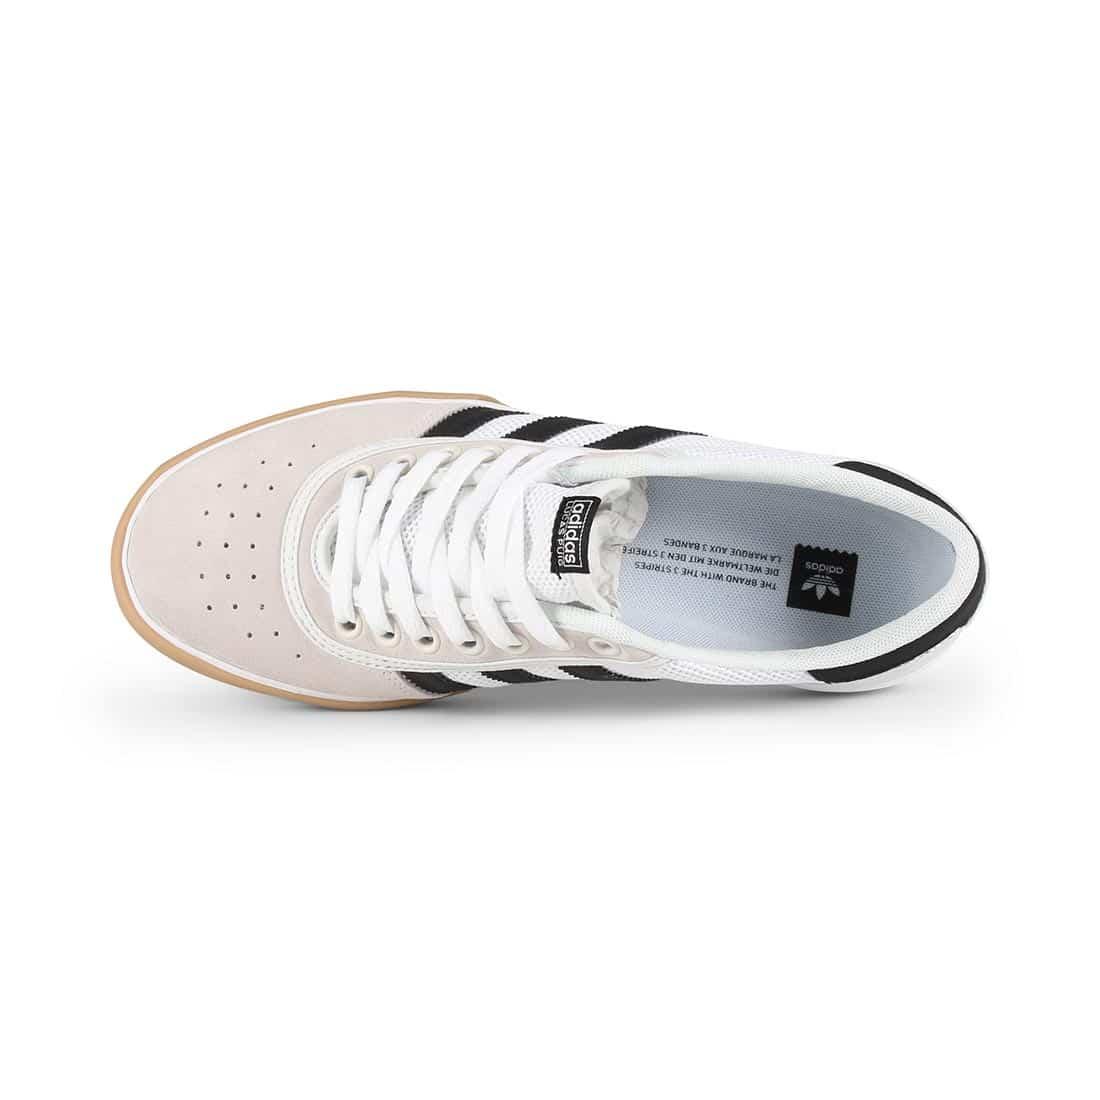 Adidas Lucas Premiere Shoes - Crystal White   Core Black   Gum 20e665211